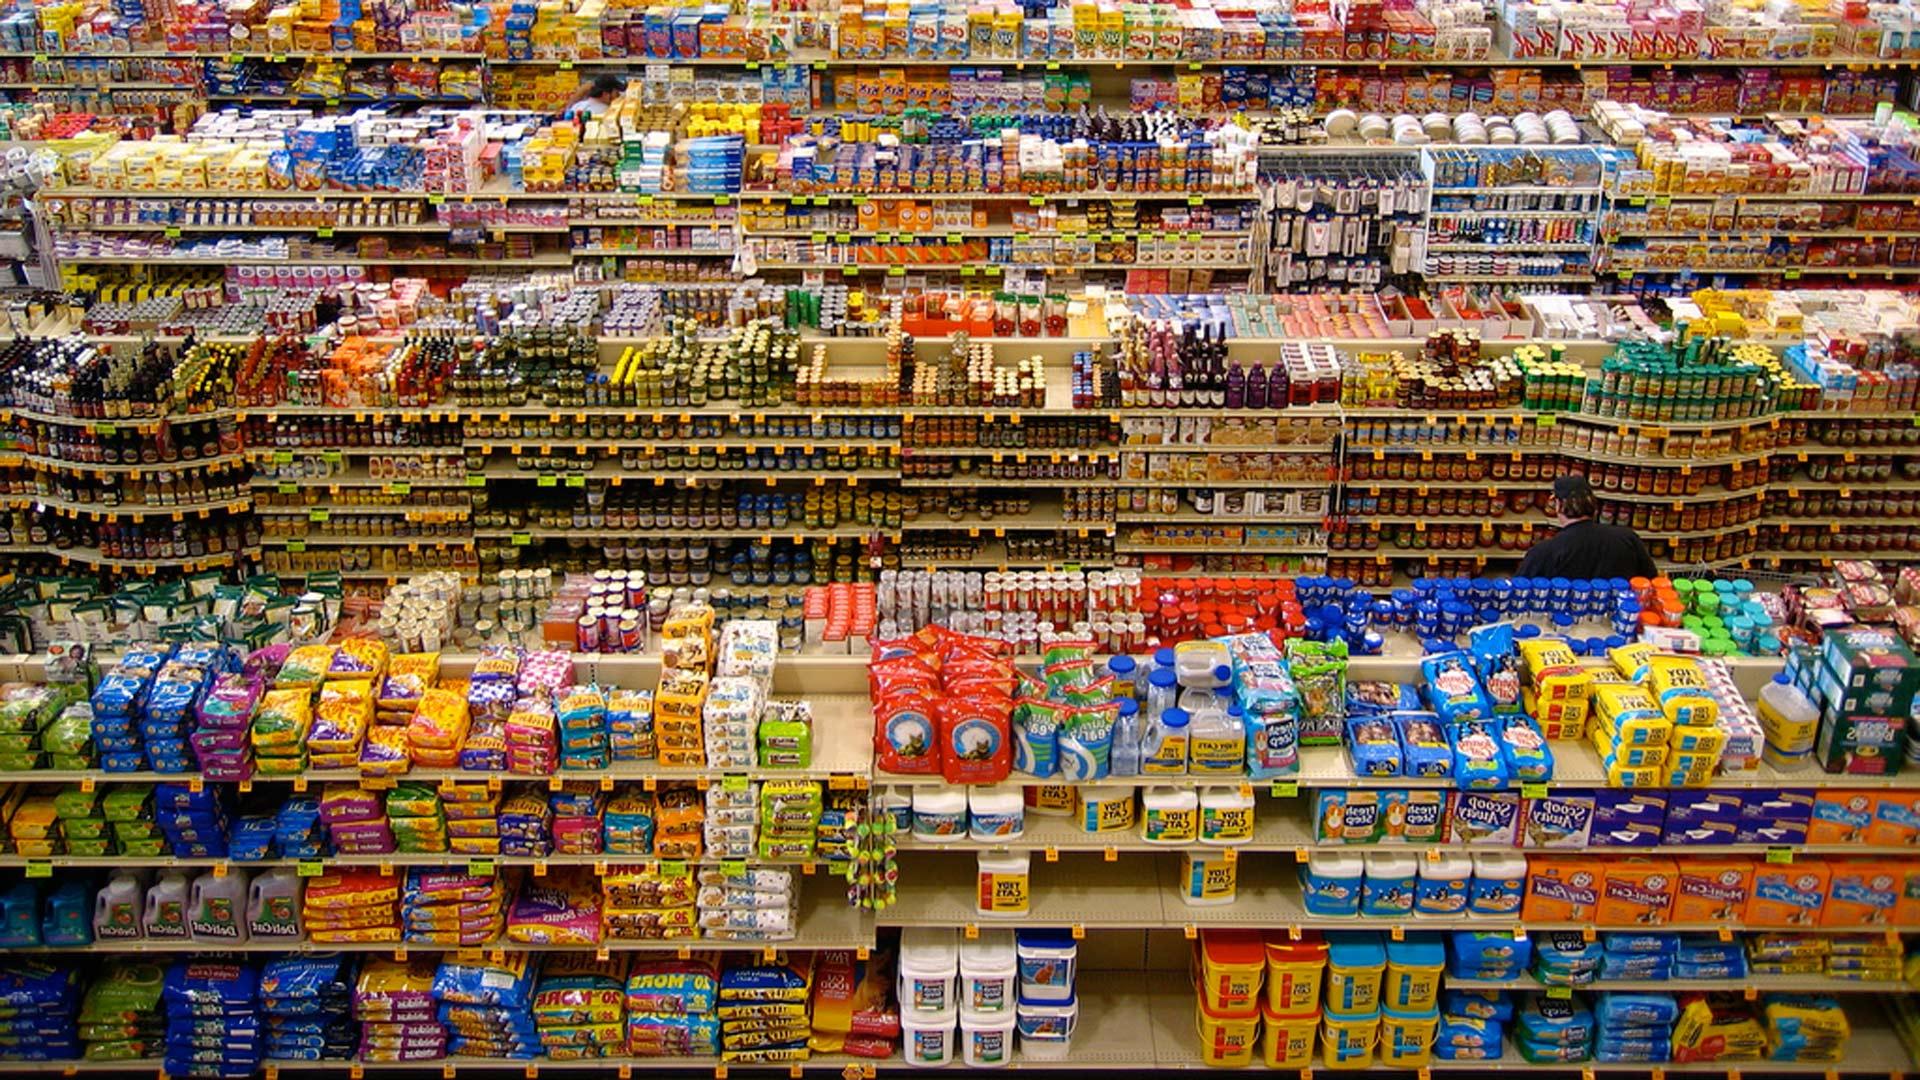 supermercado abarrotado